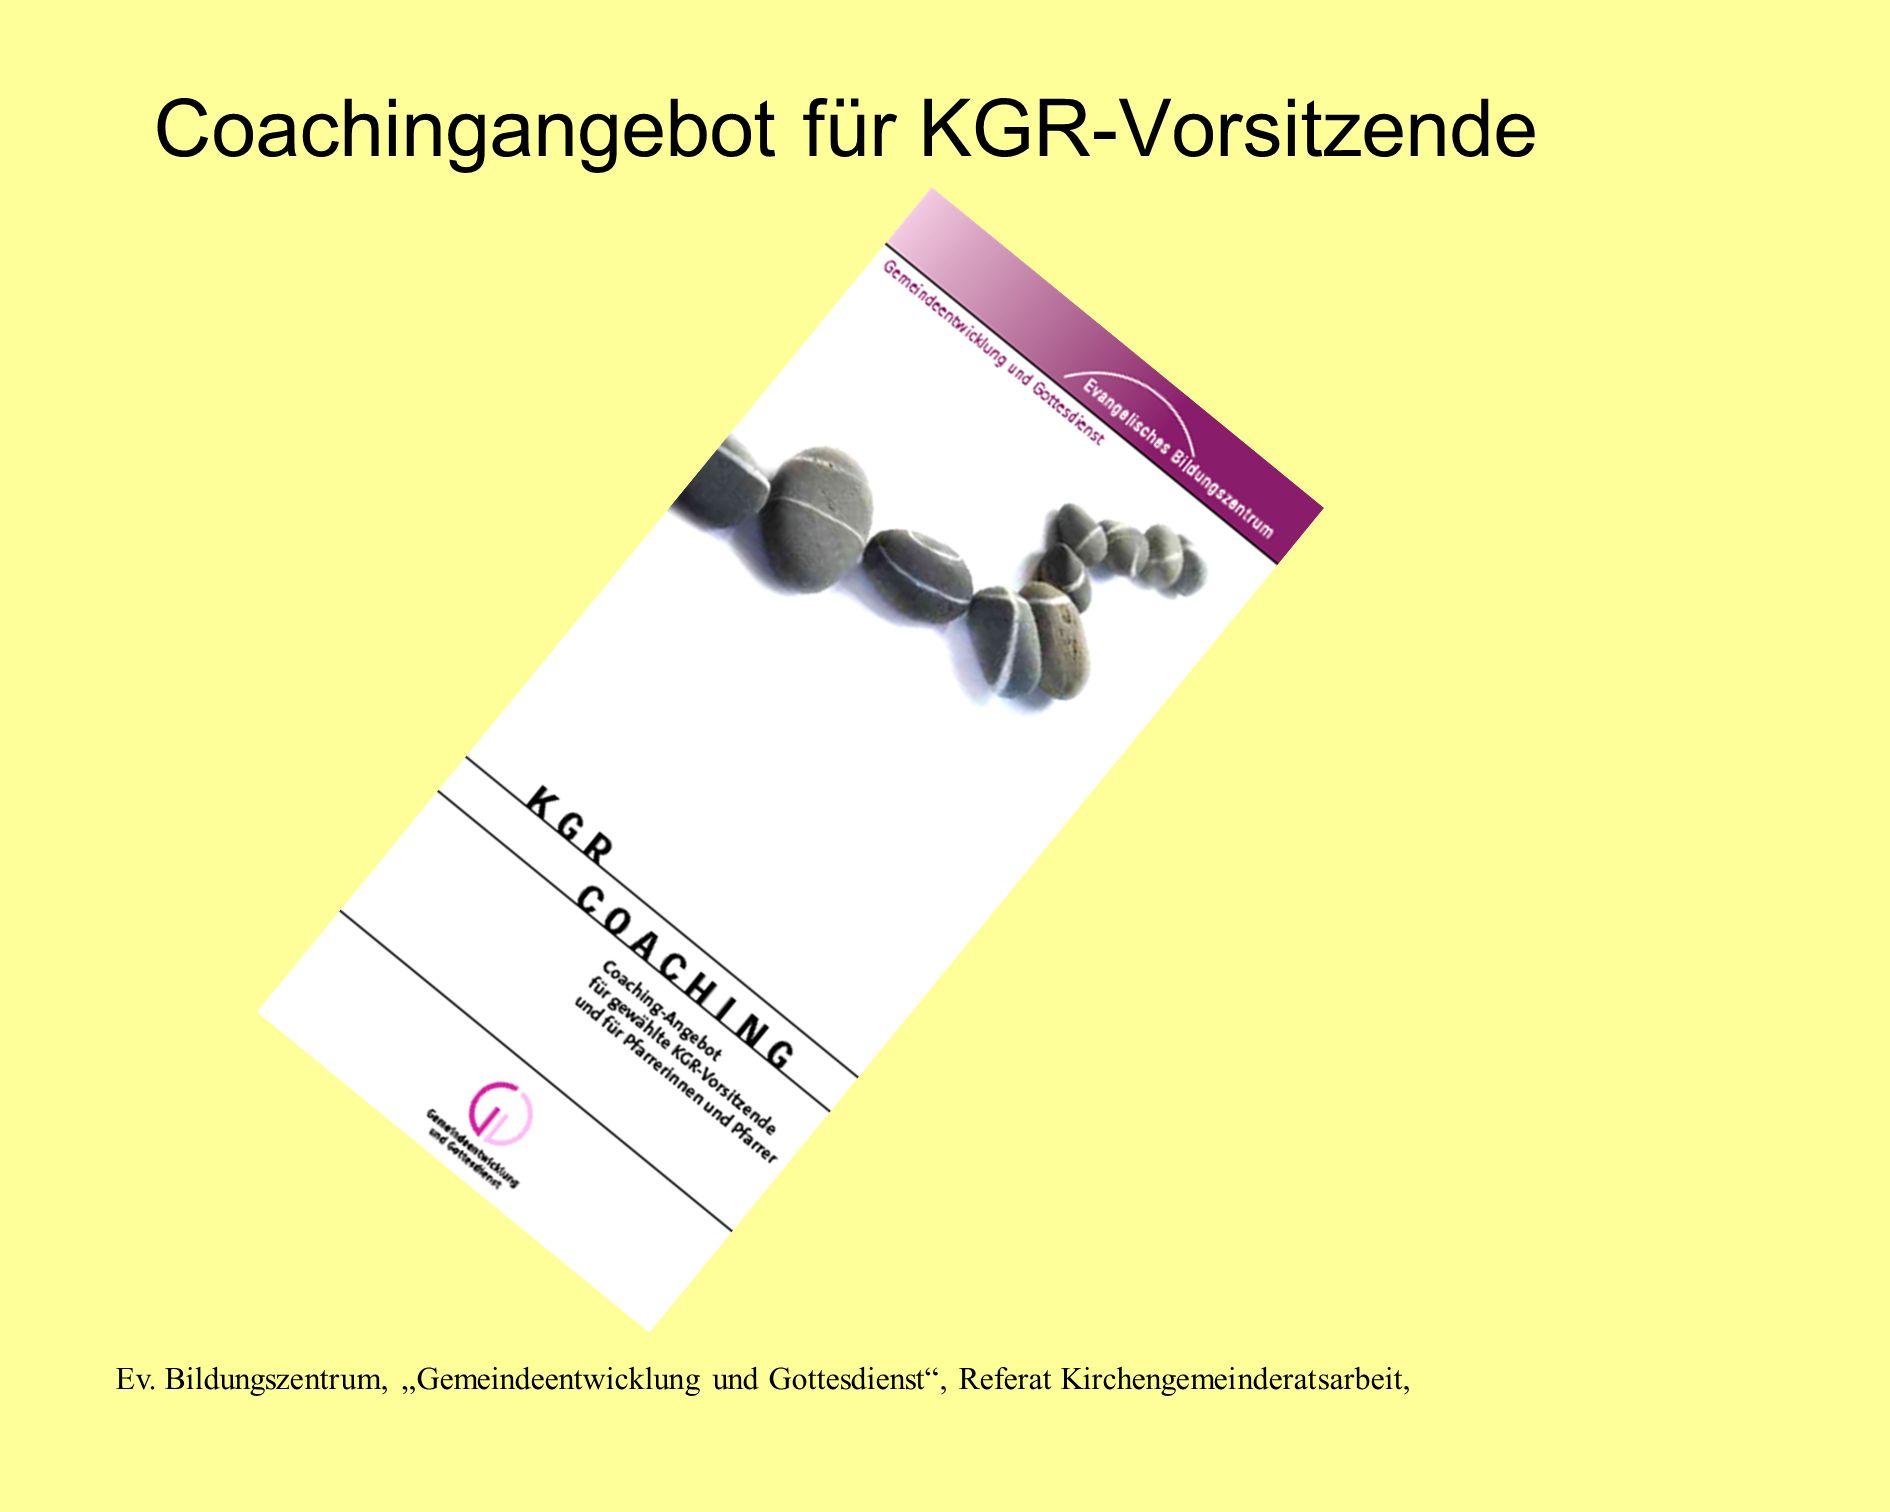 Ev. Bildungszentrum, Gemeindeentwicklung und Gottesdienst, Referat Kirchengemeinderatsarbeit, Coachingangebot für KGR-Vorsitzende